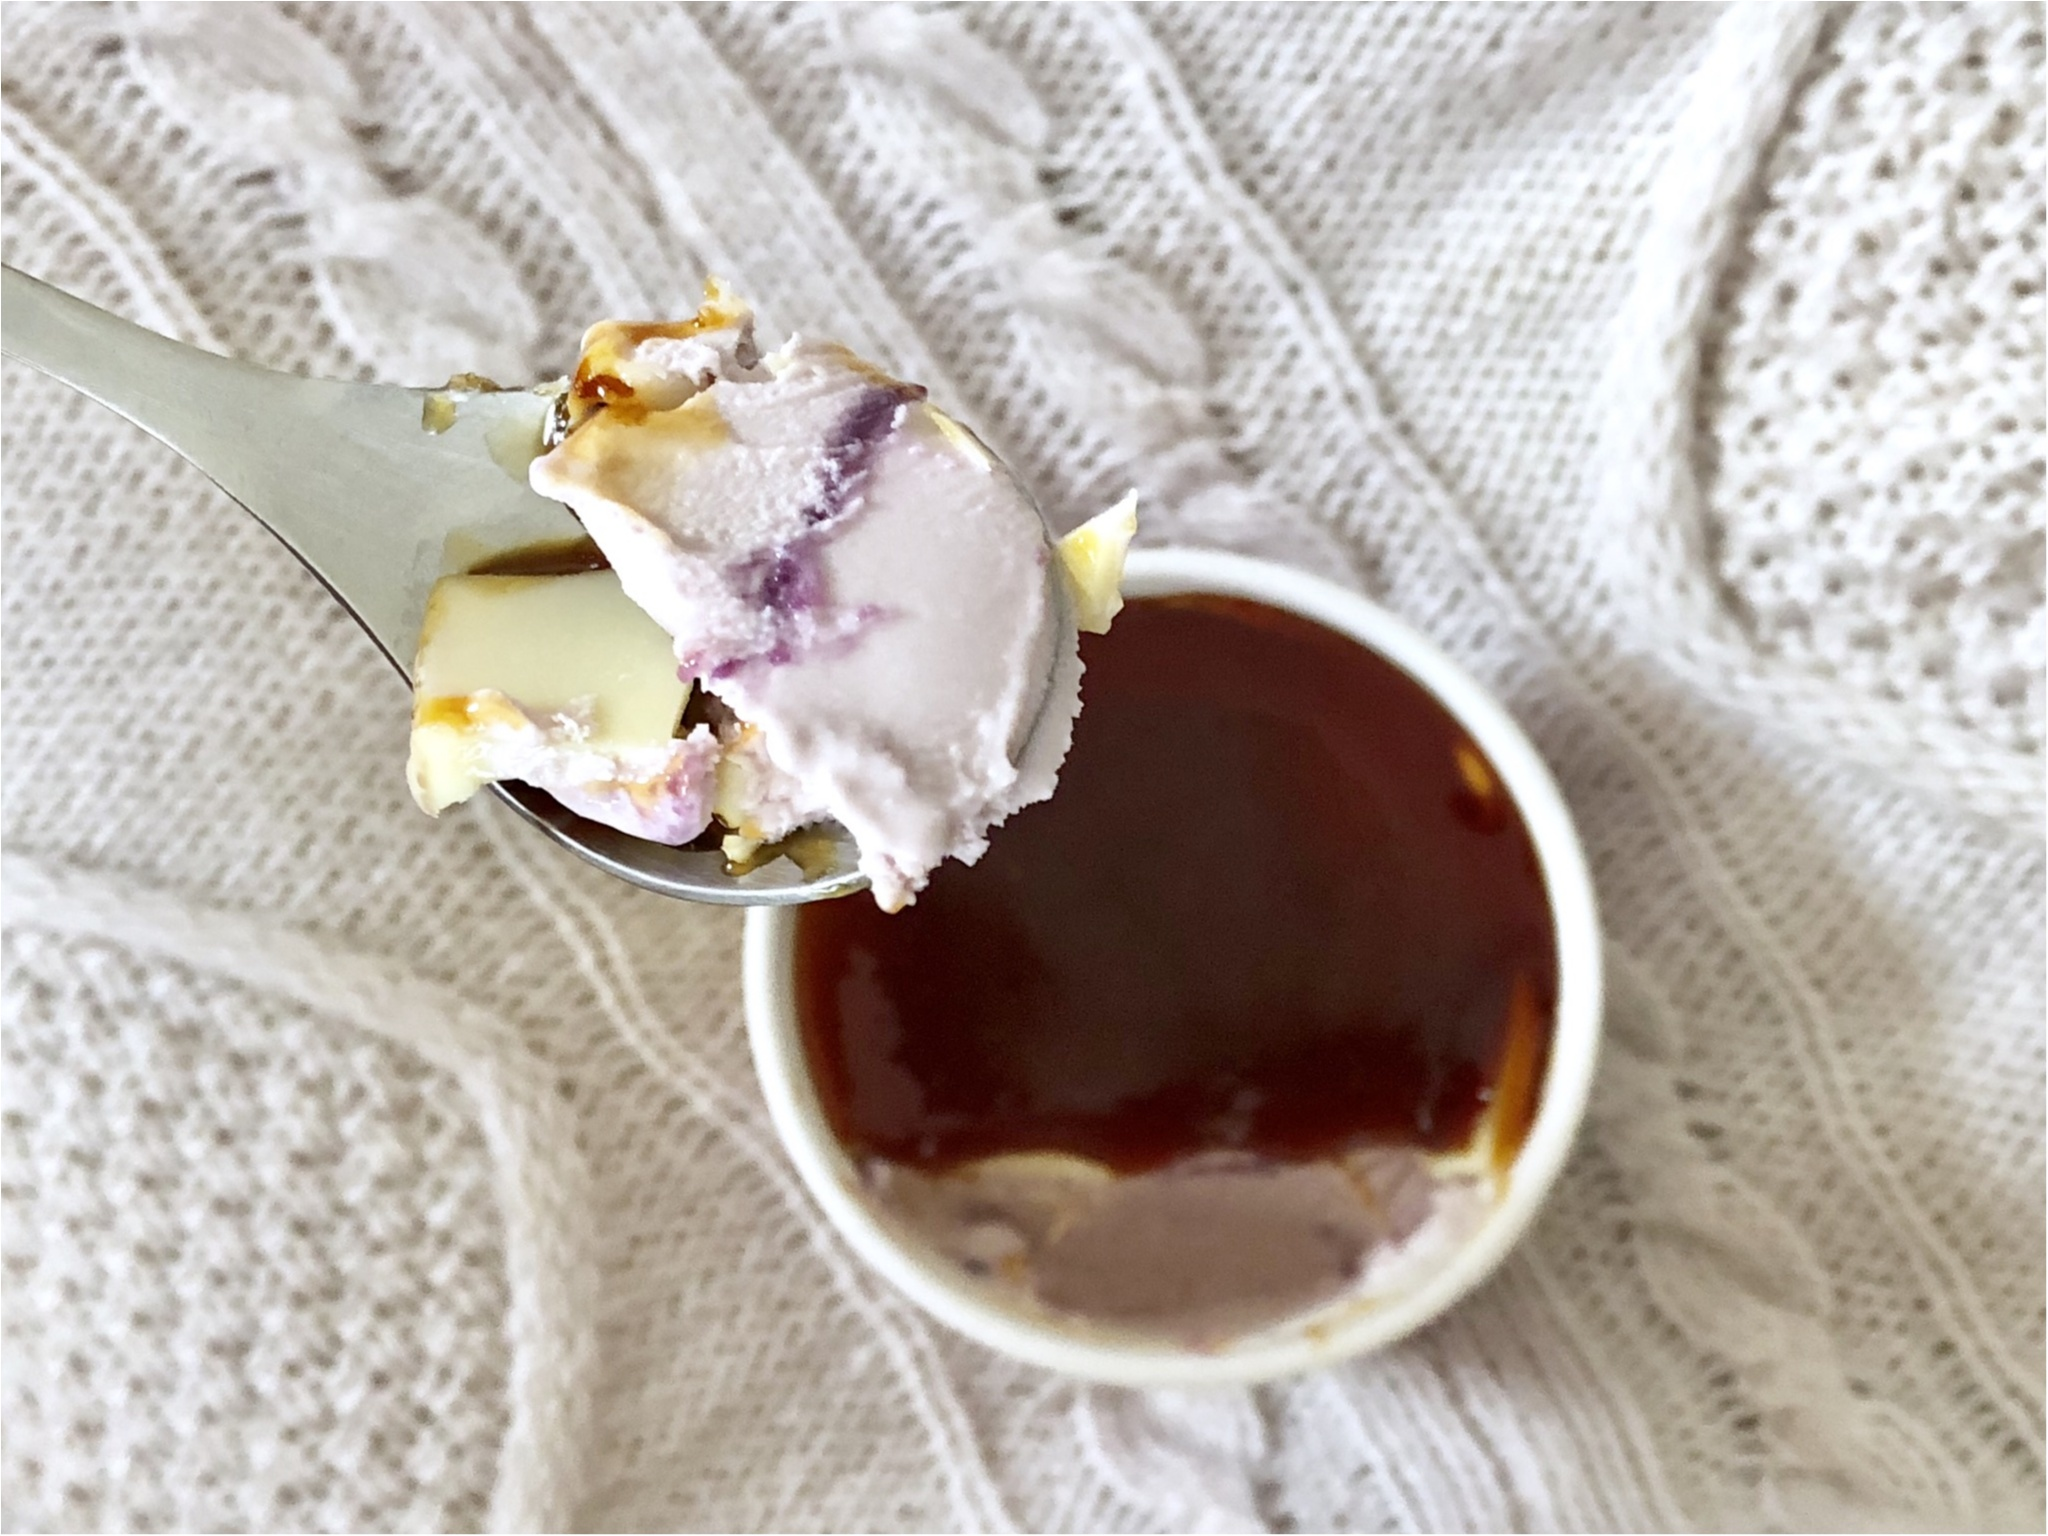 人気すぎて早くもラス1?【ハーゲンダッツ】ローソン限定《紫イモのクレームブリュレ》が衝撃の美味しさ❤️_3